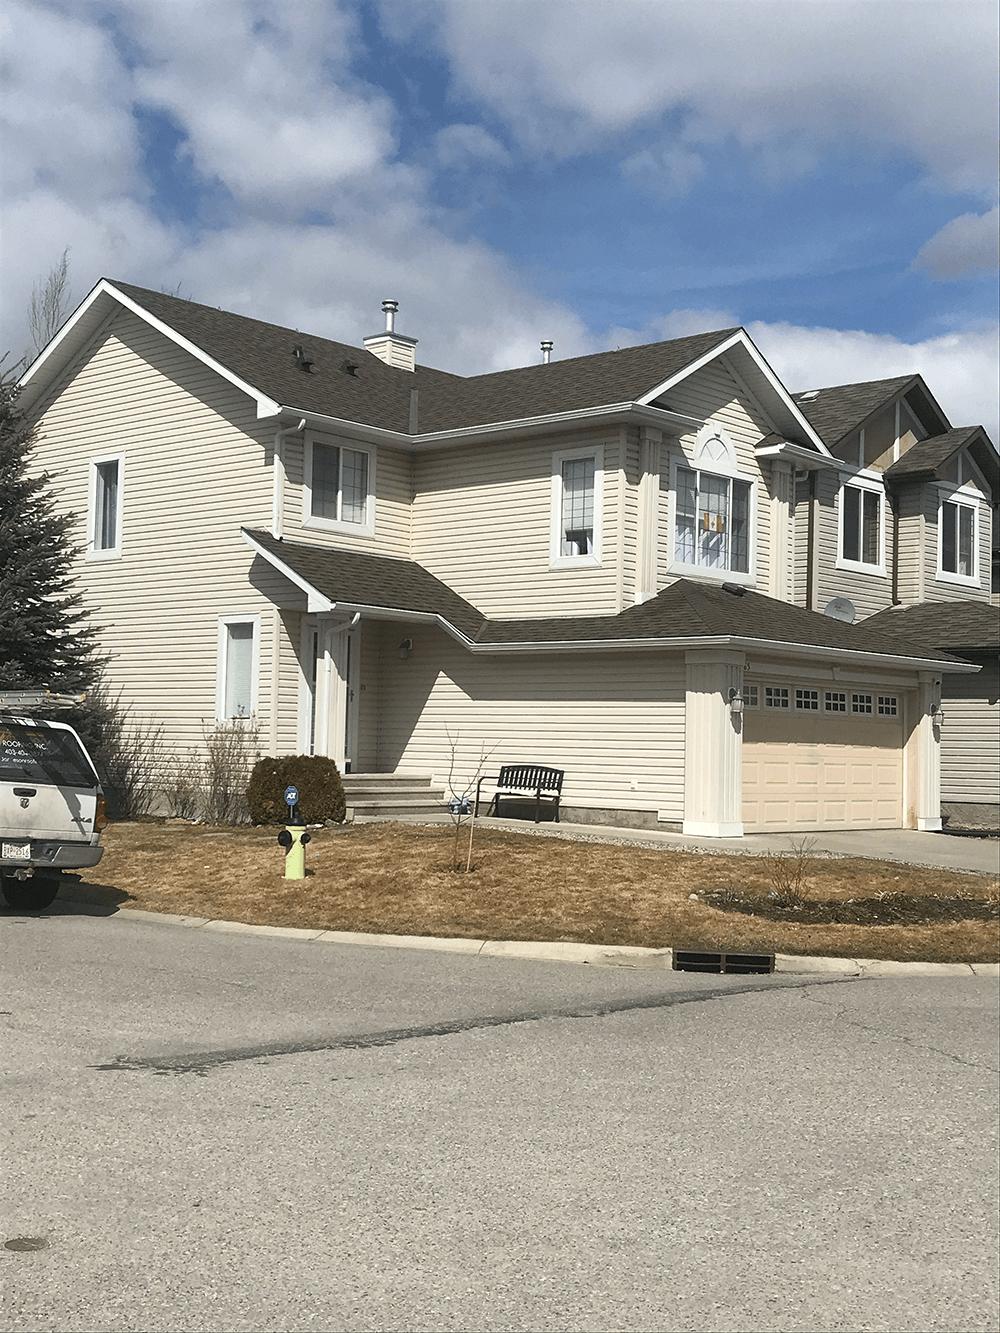 shingles on modern white house